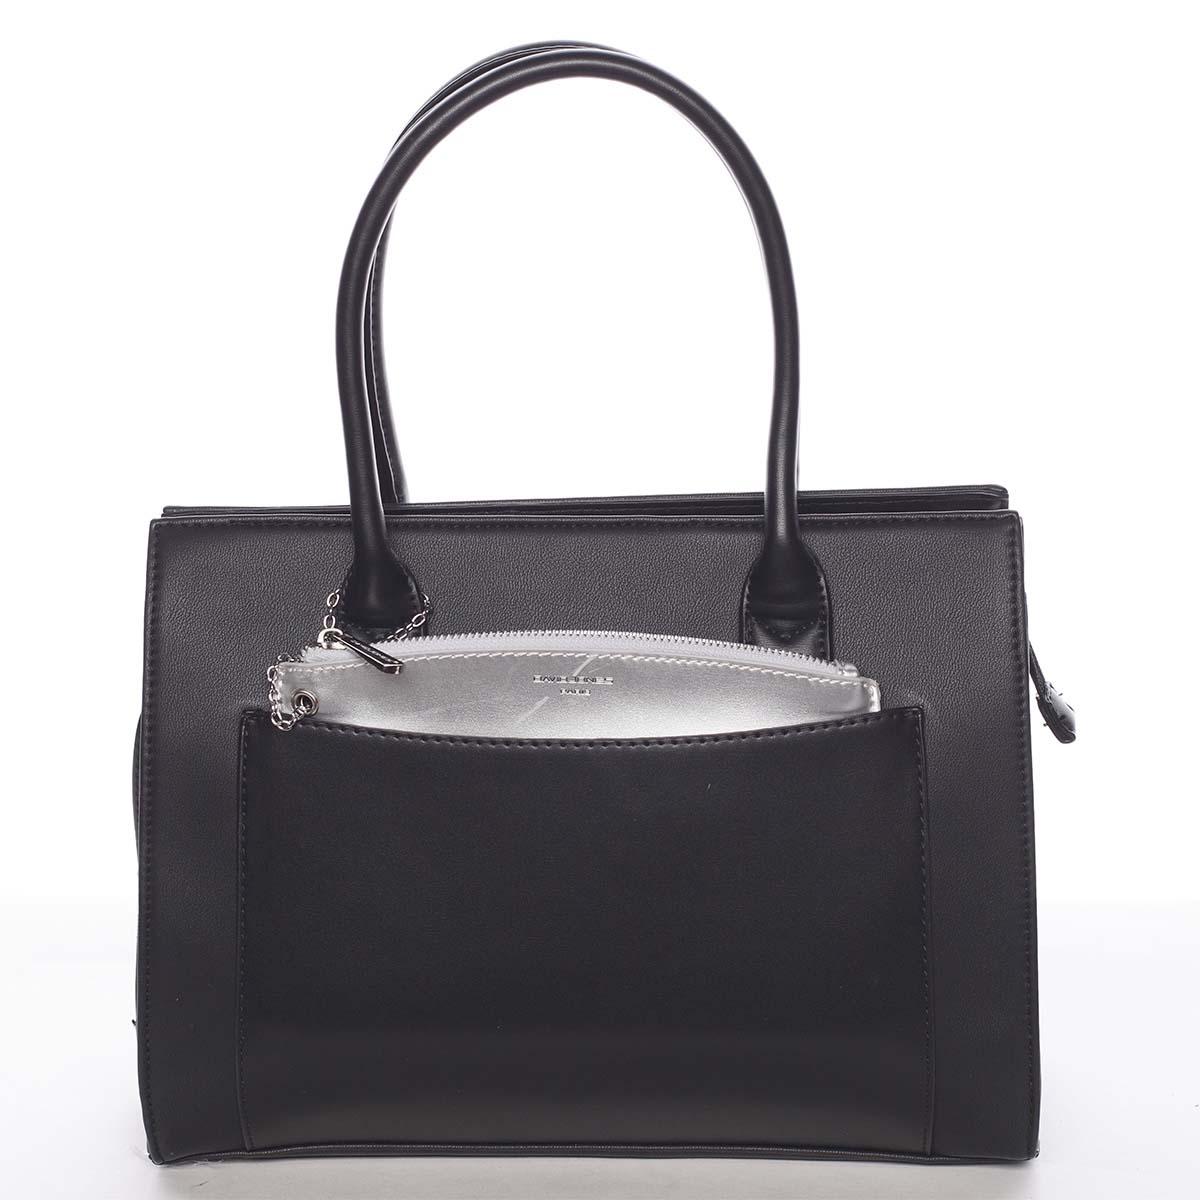 Exkluzívna čierna dámska kabelka - David Jones Hillary čierna